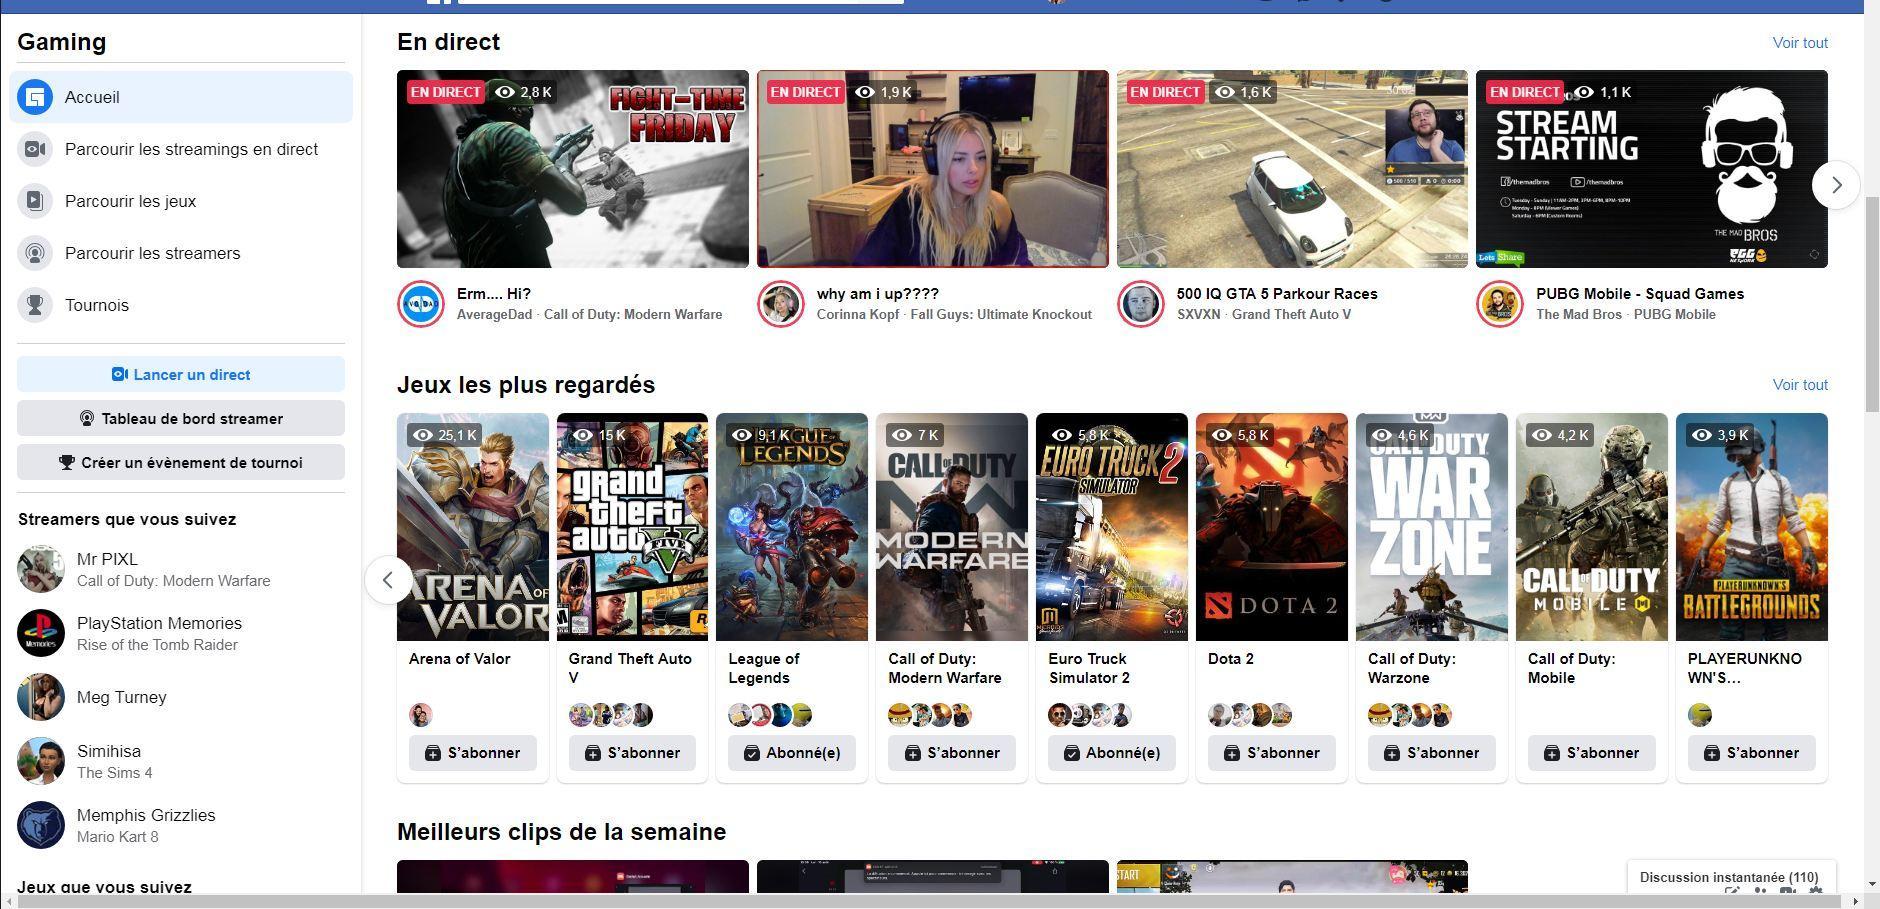 Fb Gaming